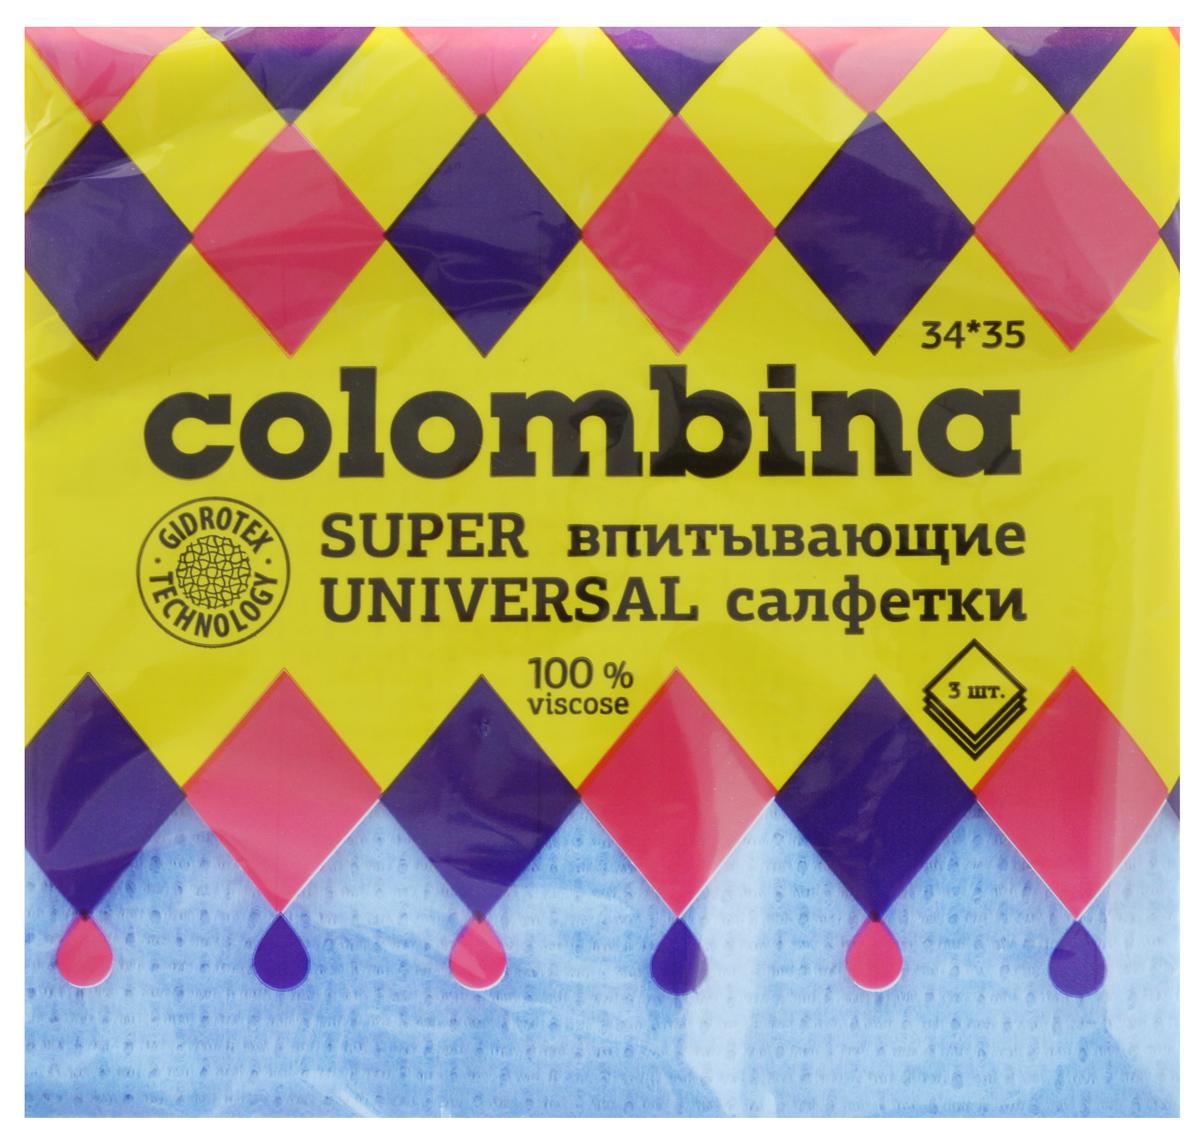 Набор салфеток Colombina Universal, супервпитывающие, цвет: голубой, 34 х 35 см, 3 штК2.1_голубойСалфетки Colombina Universal состоят из 100% вискозы без добавления синтетики. Изделия предназначены для сухой и влажной уборки. Отлично впитывают жидкости, жиры, масла. Пригодны для многоразового использования, долговечны, не оставляют следов и ворсинок. Приятные на ощупь, не вызывают раздражения и гипоаллергенны. Размер салфетки: 34 х 35 см.